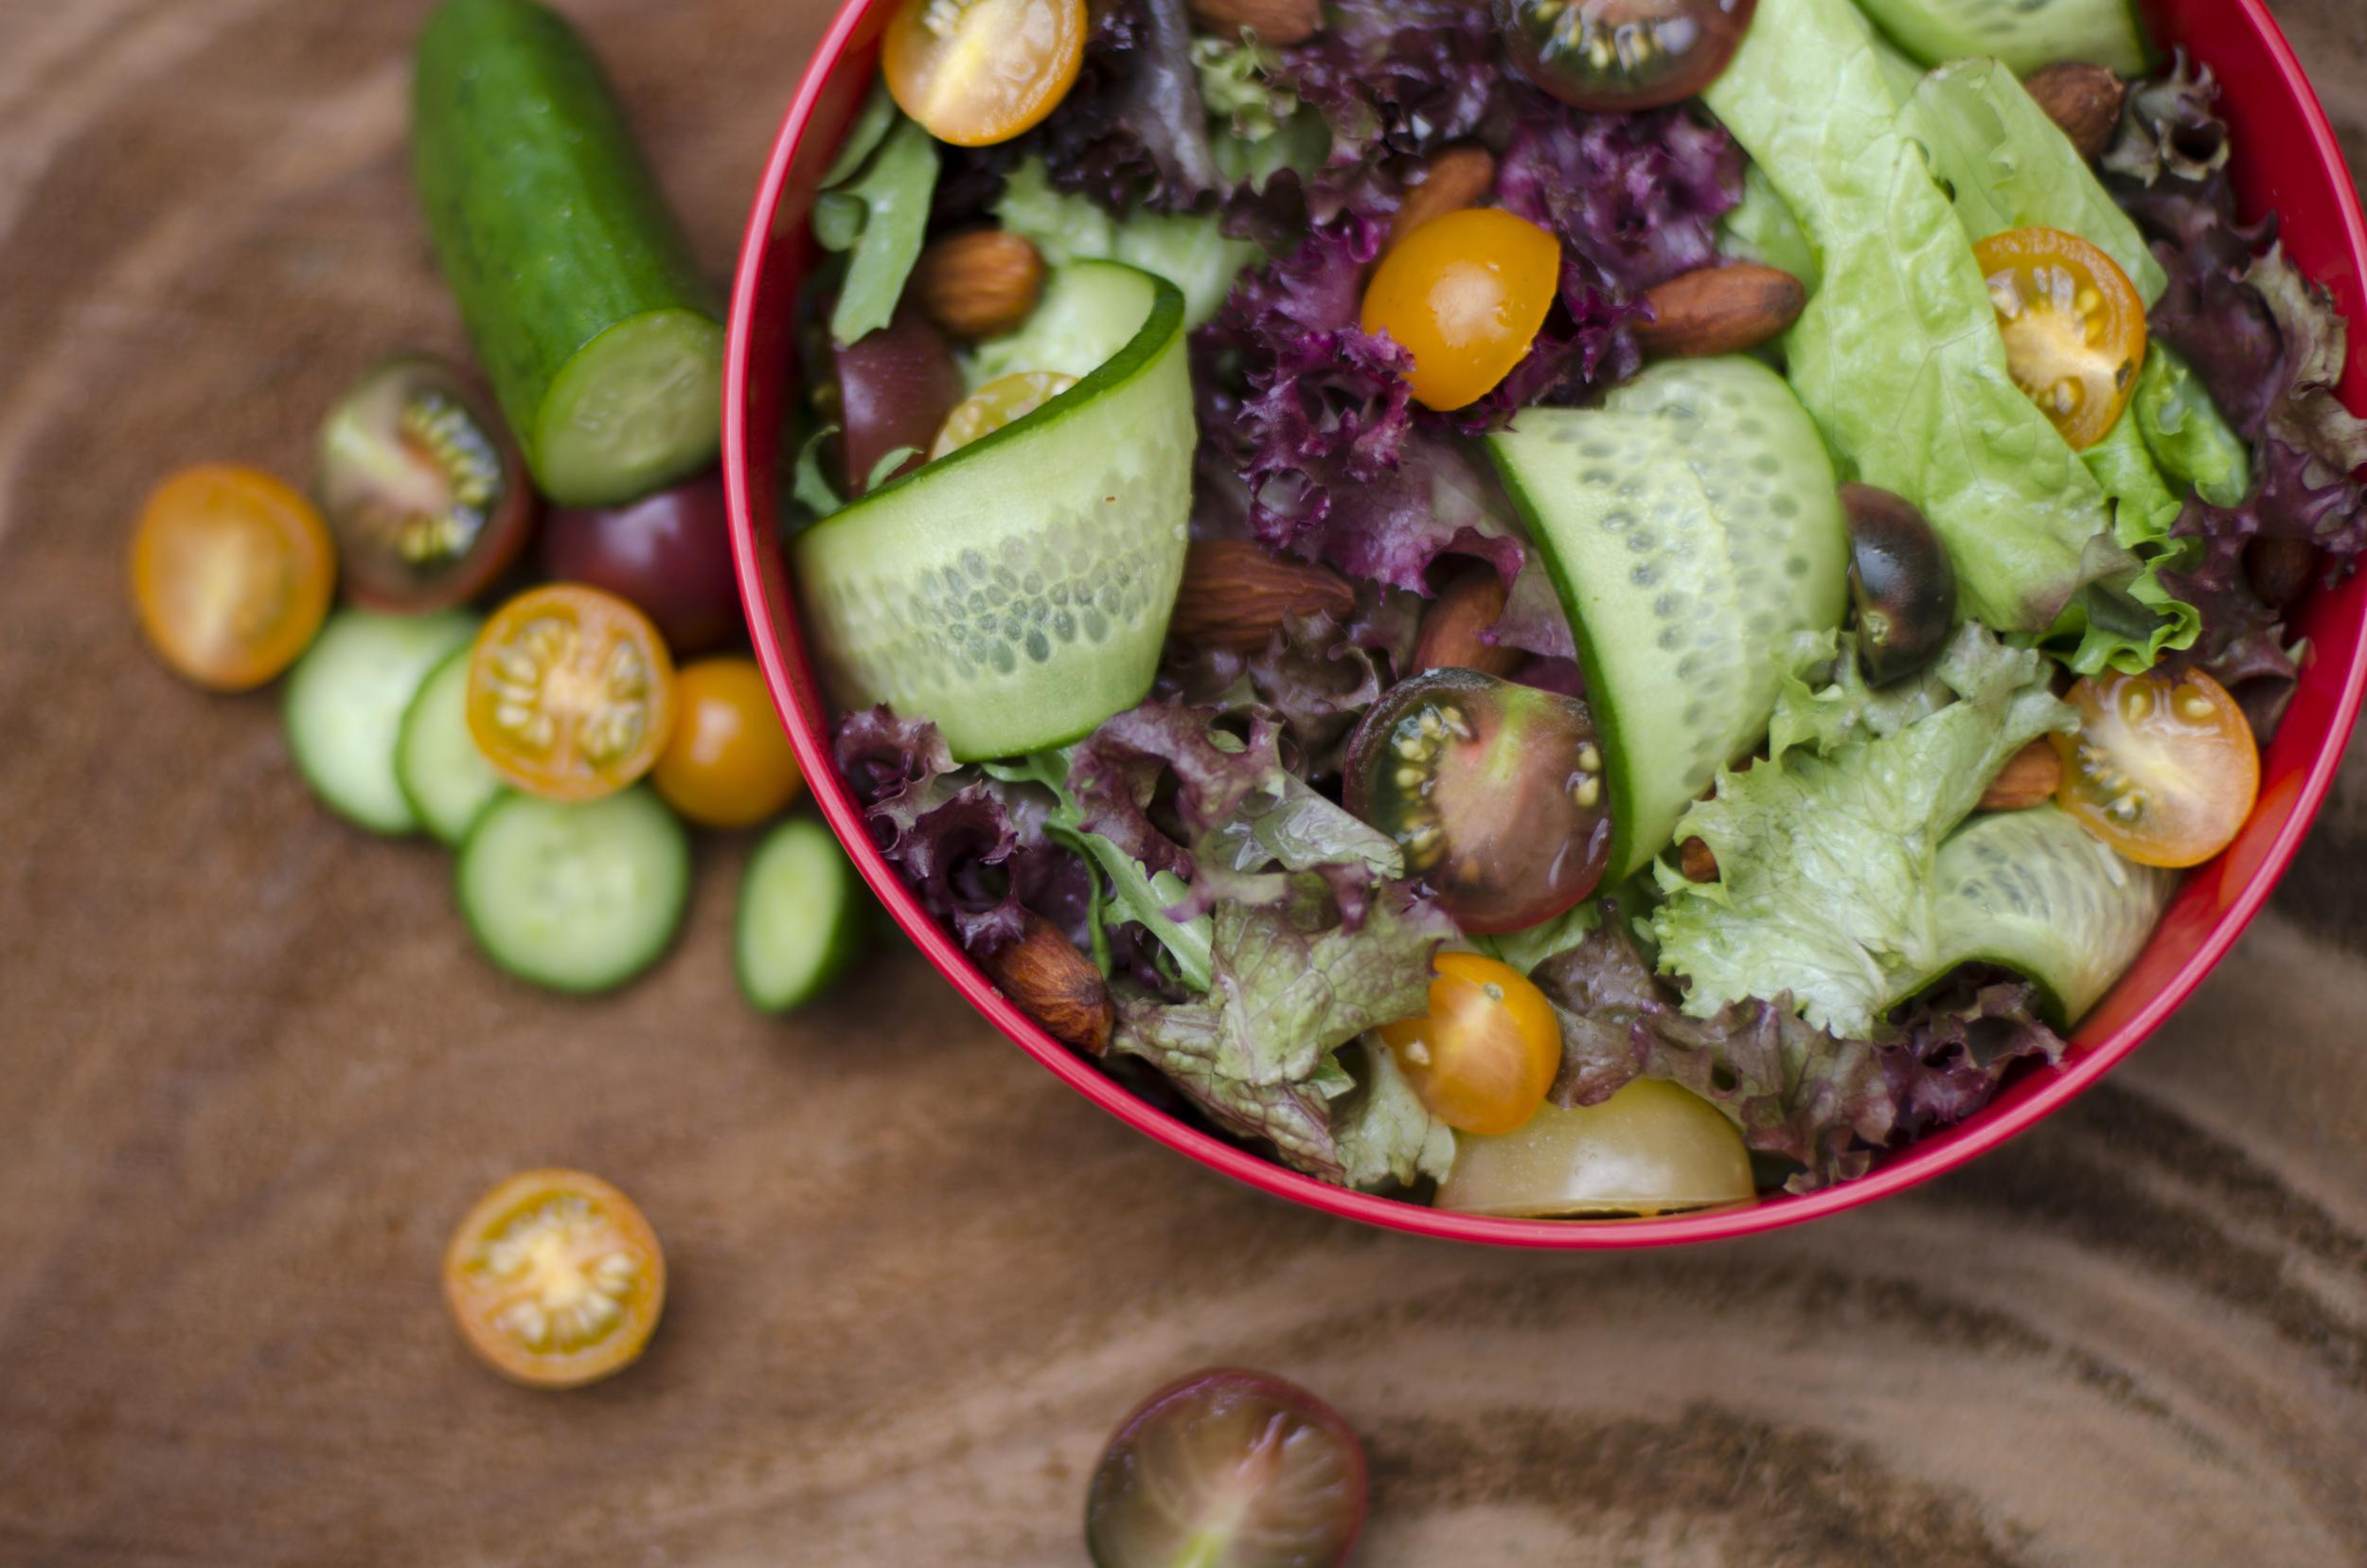 Ensalada de lechugas mixtas, almendras, tomates y pepinos miniatura y aderezo al gusto.